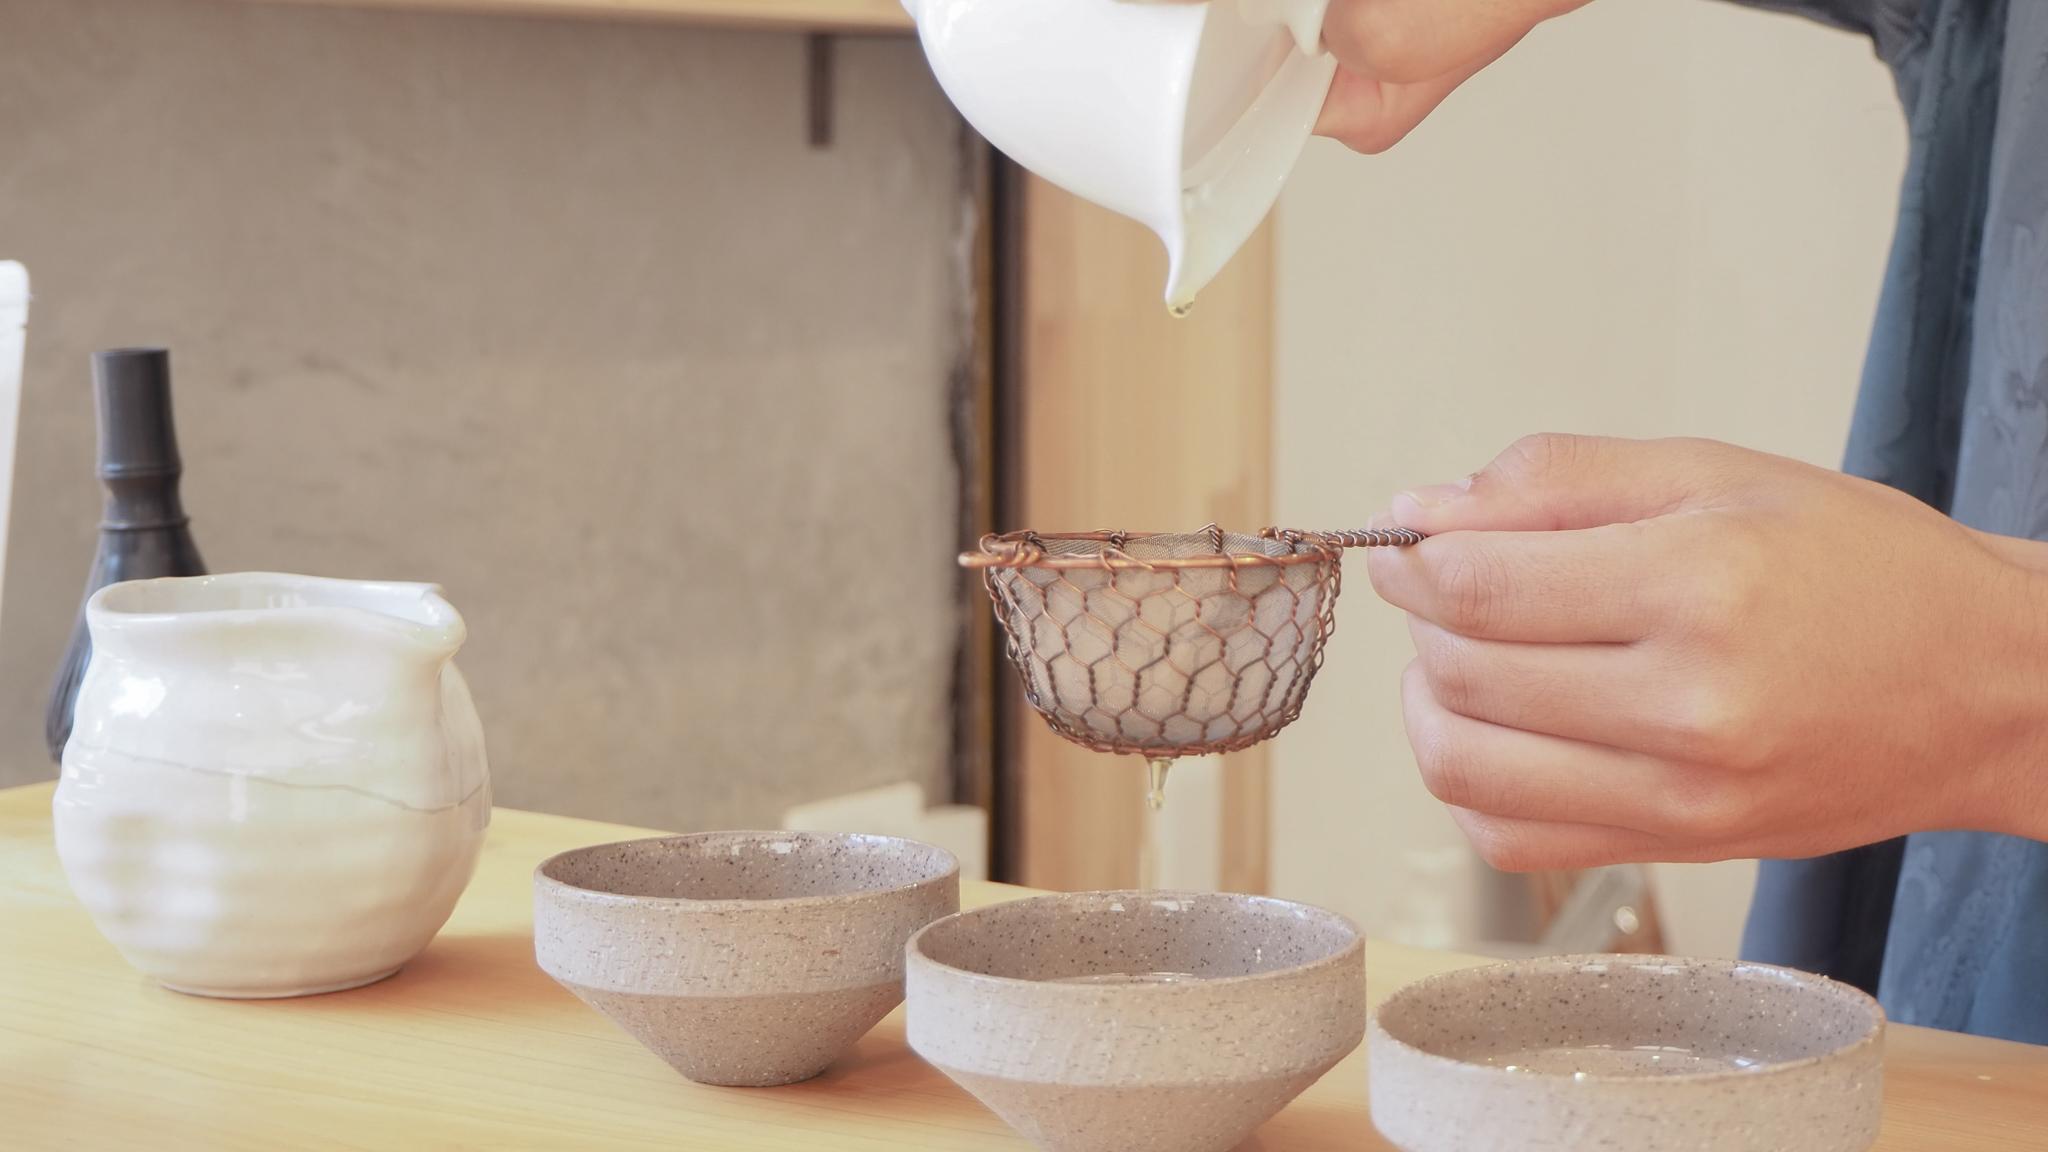 岐阜県美濃加茂市の新スポット! 話題の「泊まれる日本茶スタンド」を体験レポート - minokamo6 1